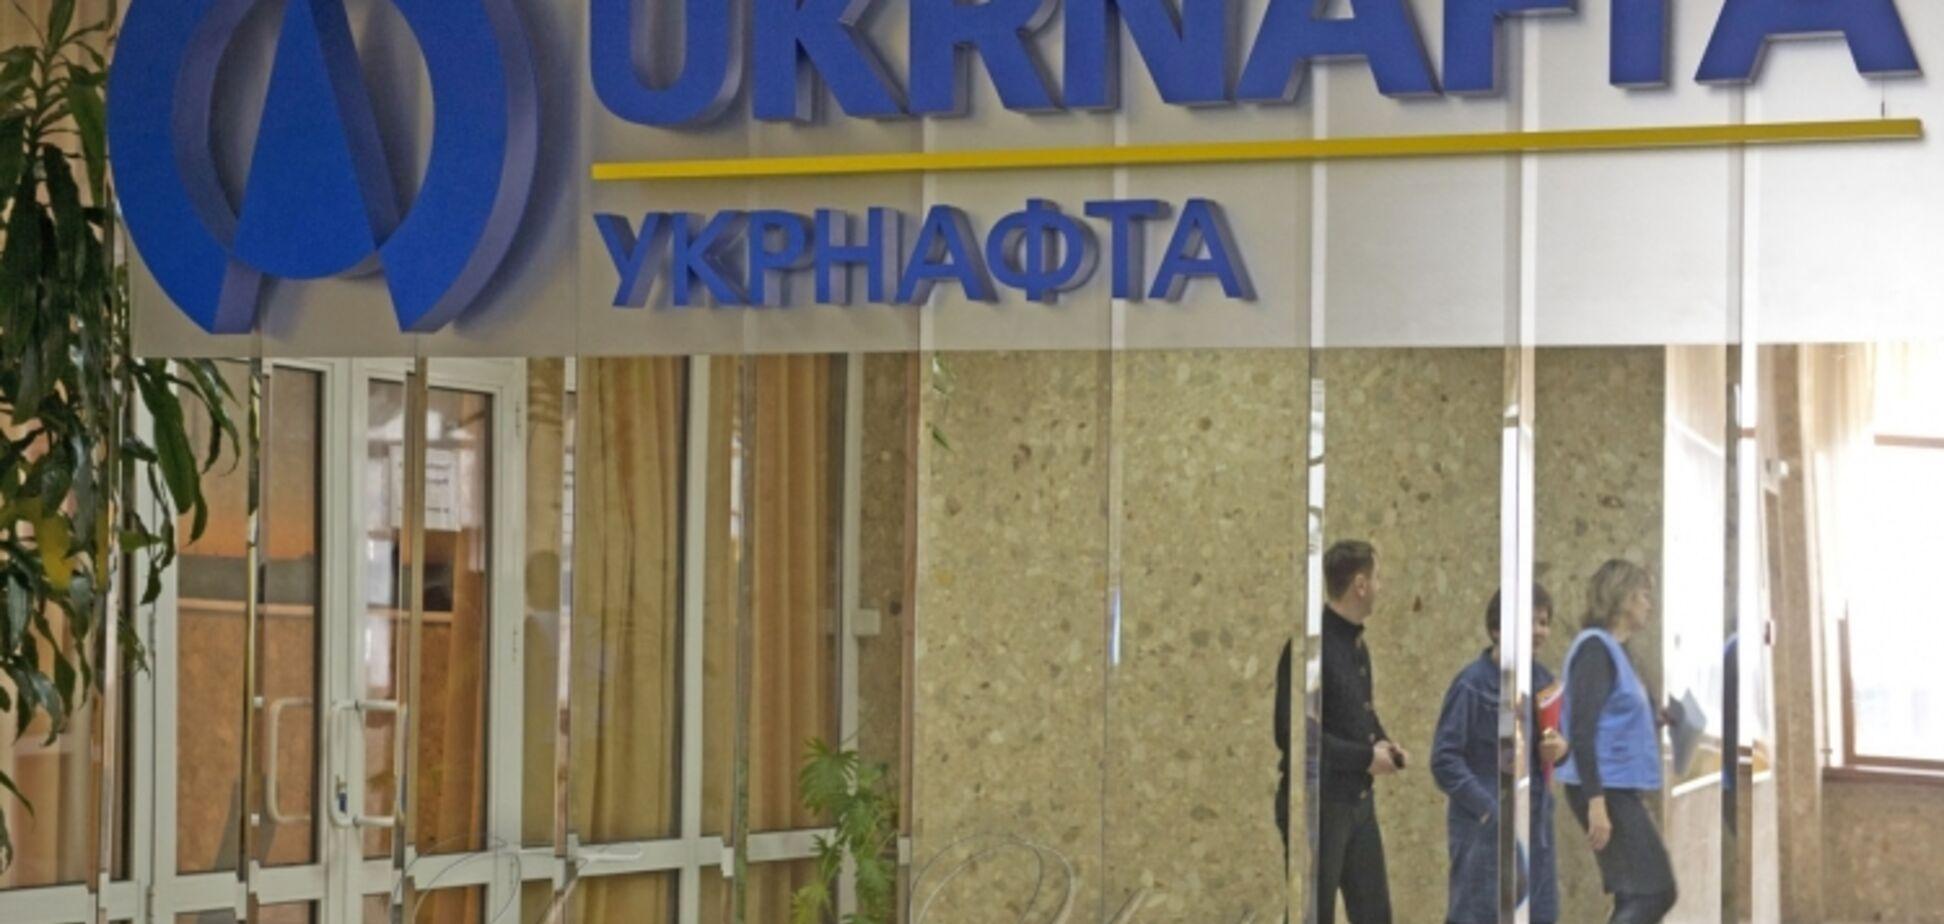 Залучили суд: ДФС зважилася на крайні заходи через борги 'Укрнафти'